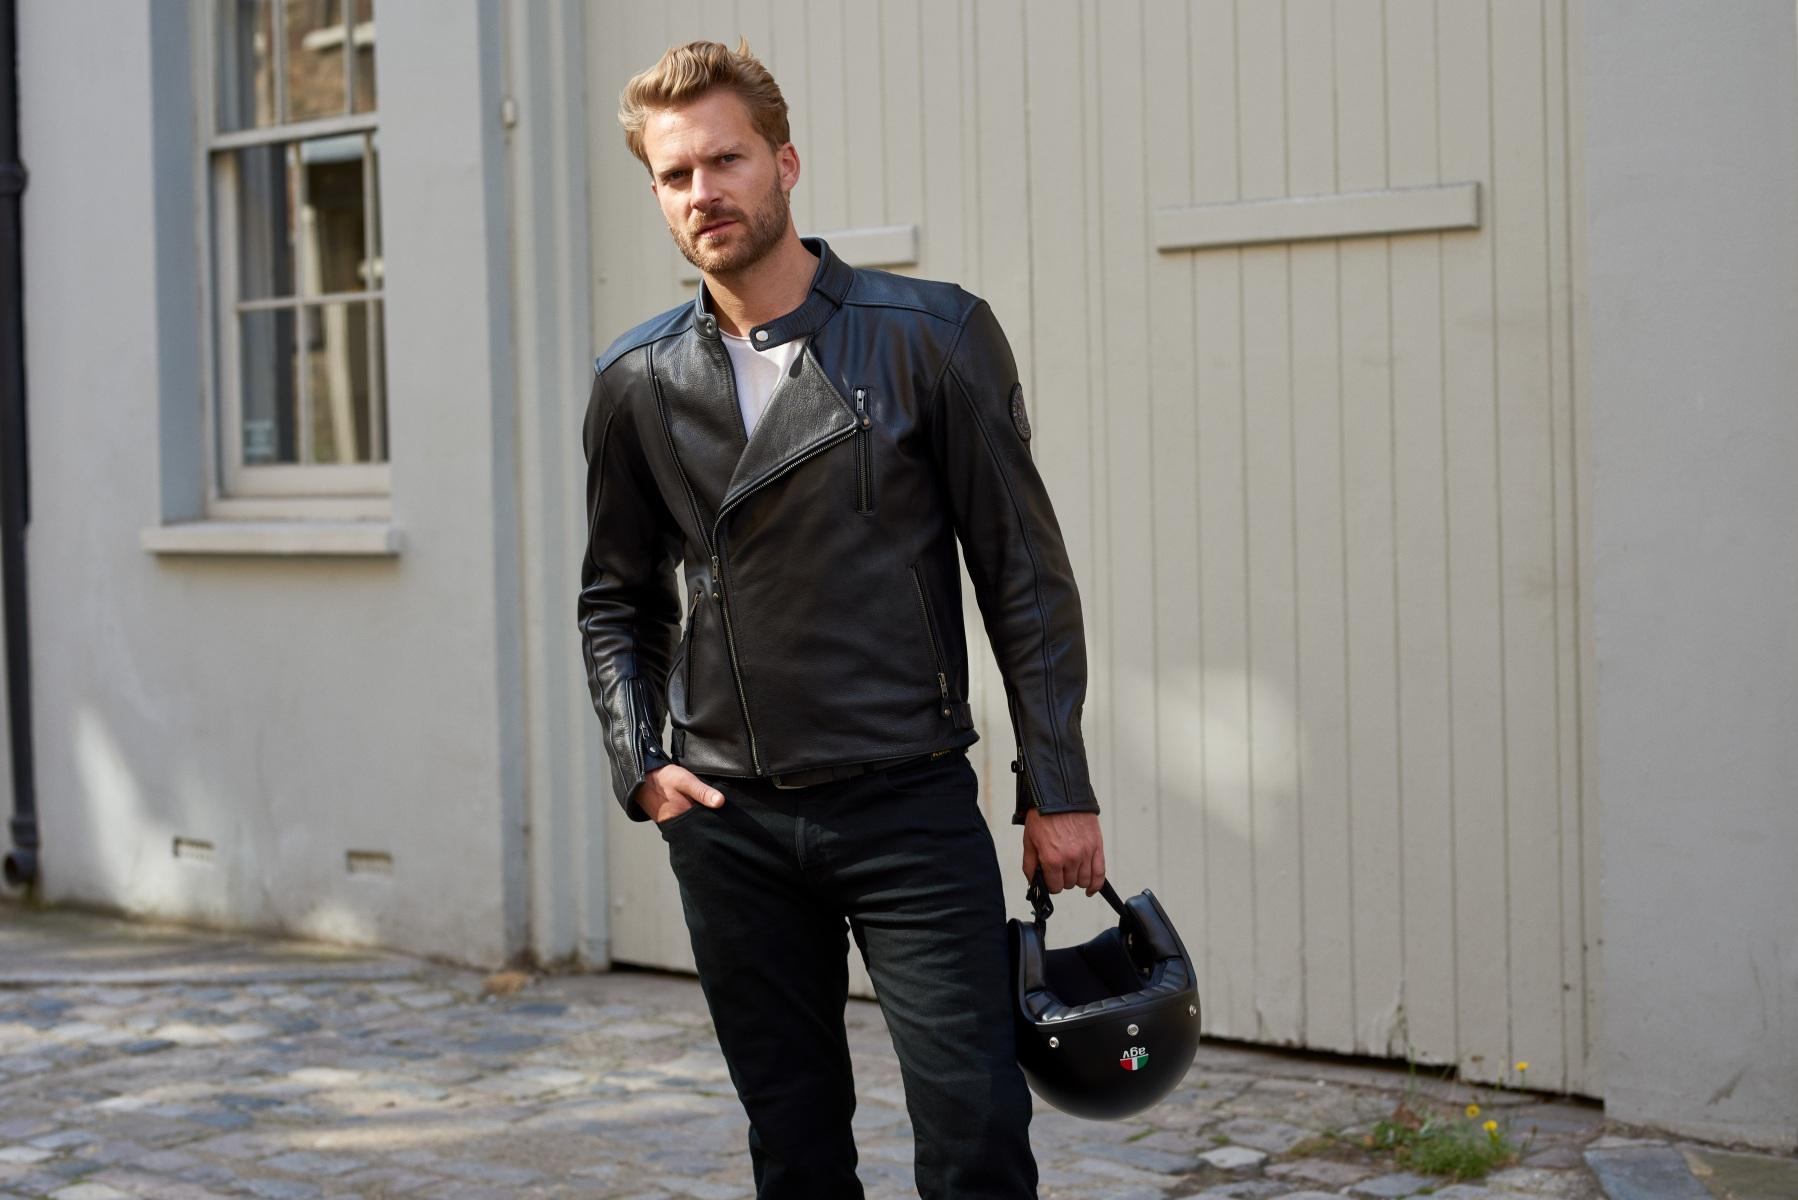 102376-rst-matlock-leather-jacket-black-lifestyle-01